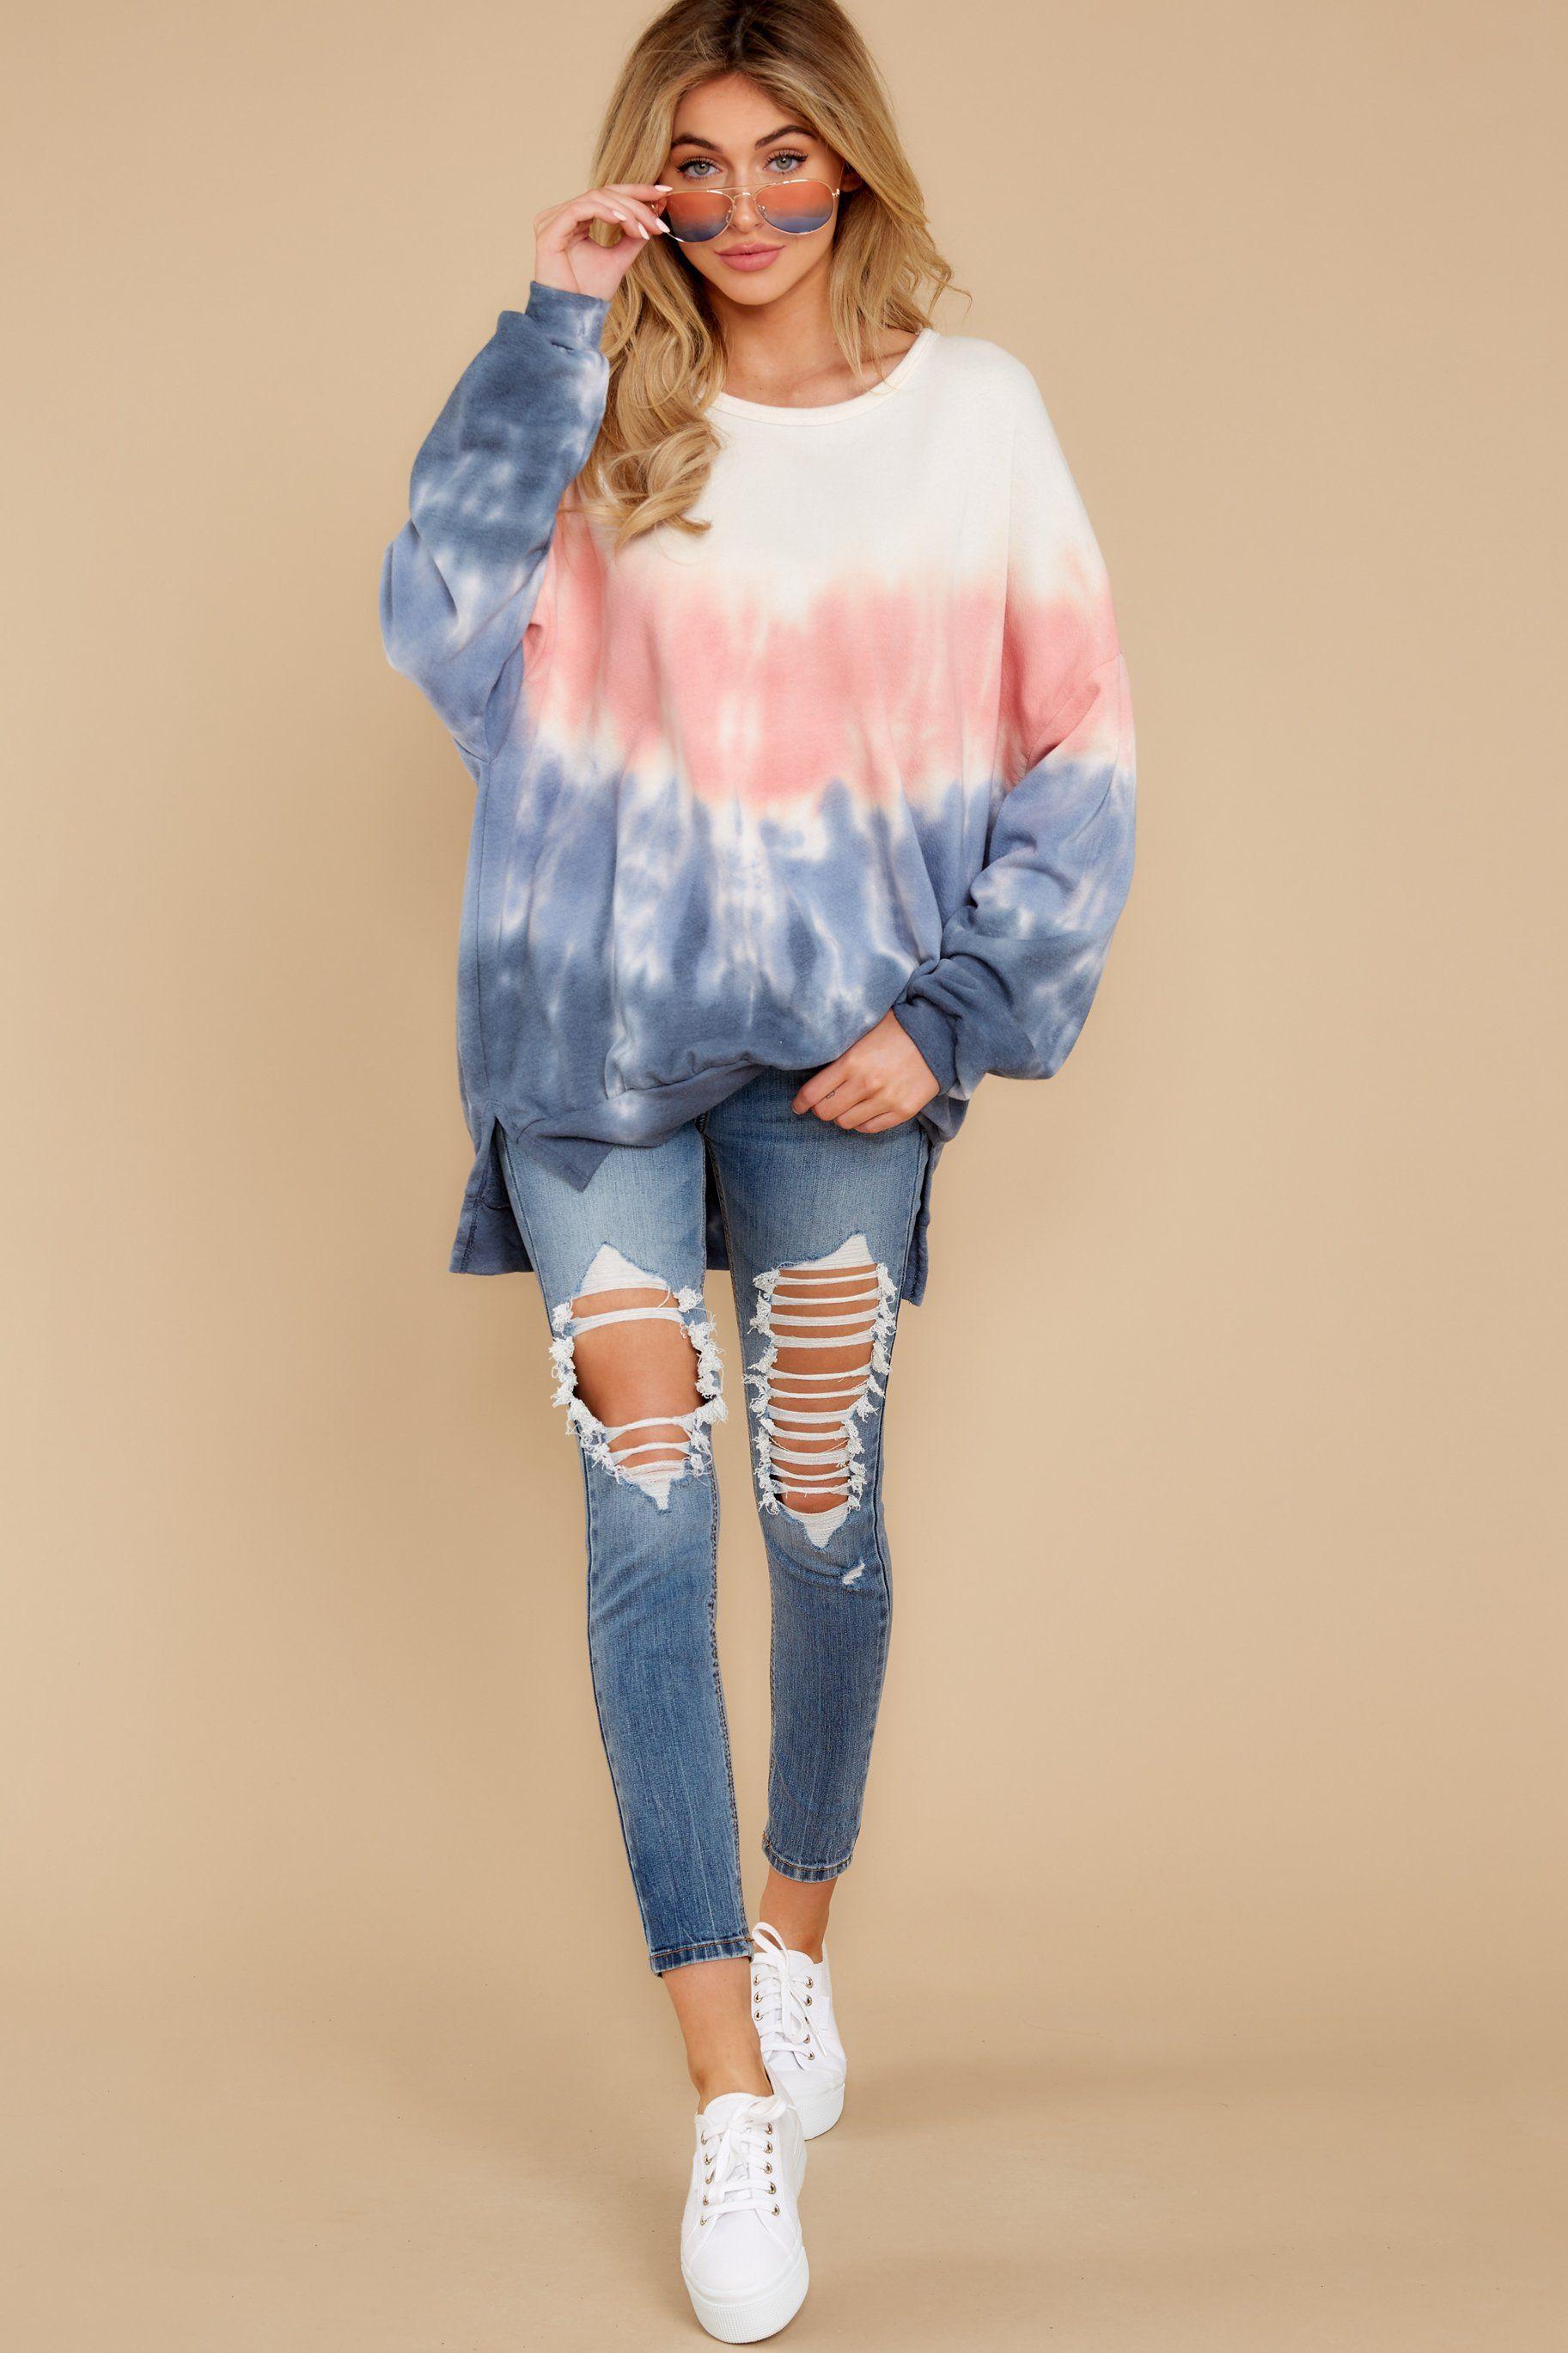 Stylish Pink Pullover Tie Dye Long Sleeve Pullover Tops 42 00 Tie Dye Pants Trendy Hoodies Sweatshirts Tie Dye Long Sleeve [ 2738 x 1825 Pixel ]